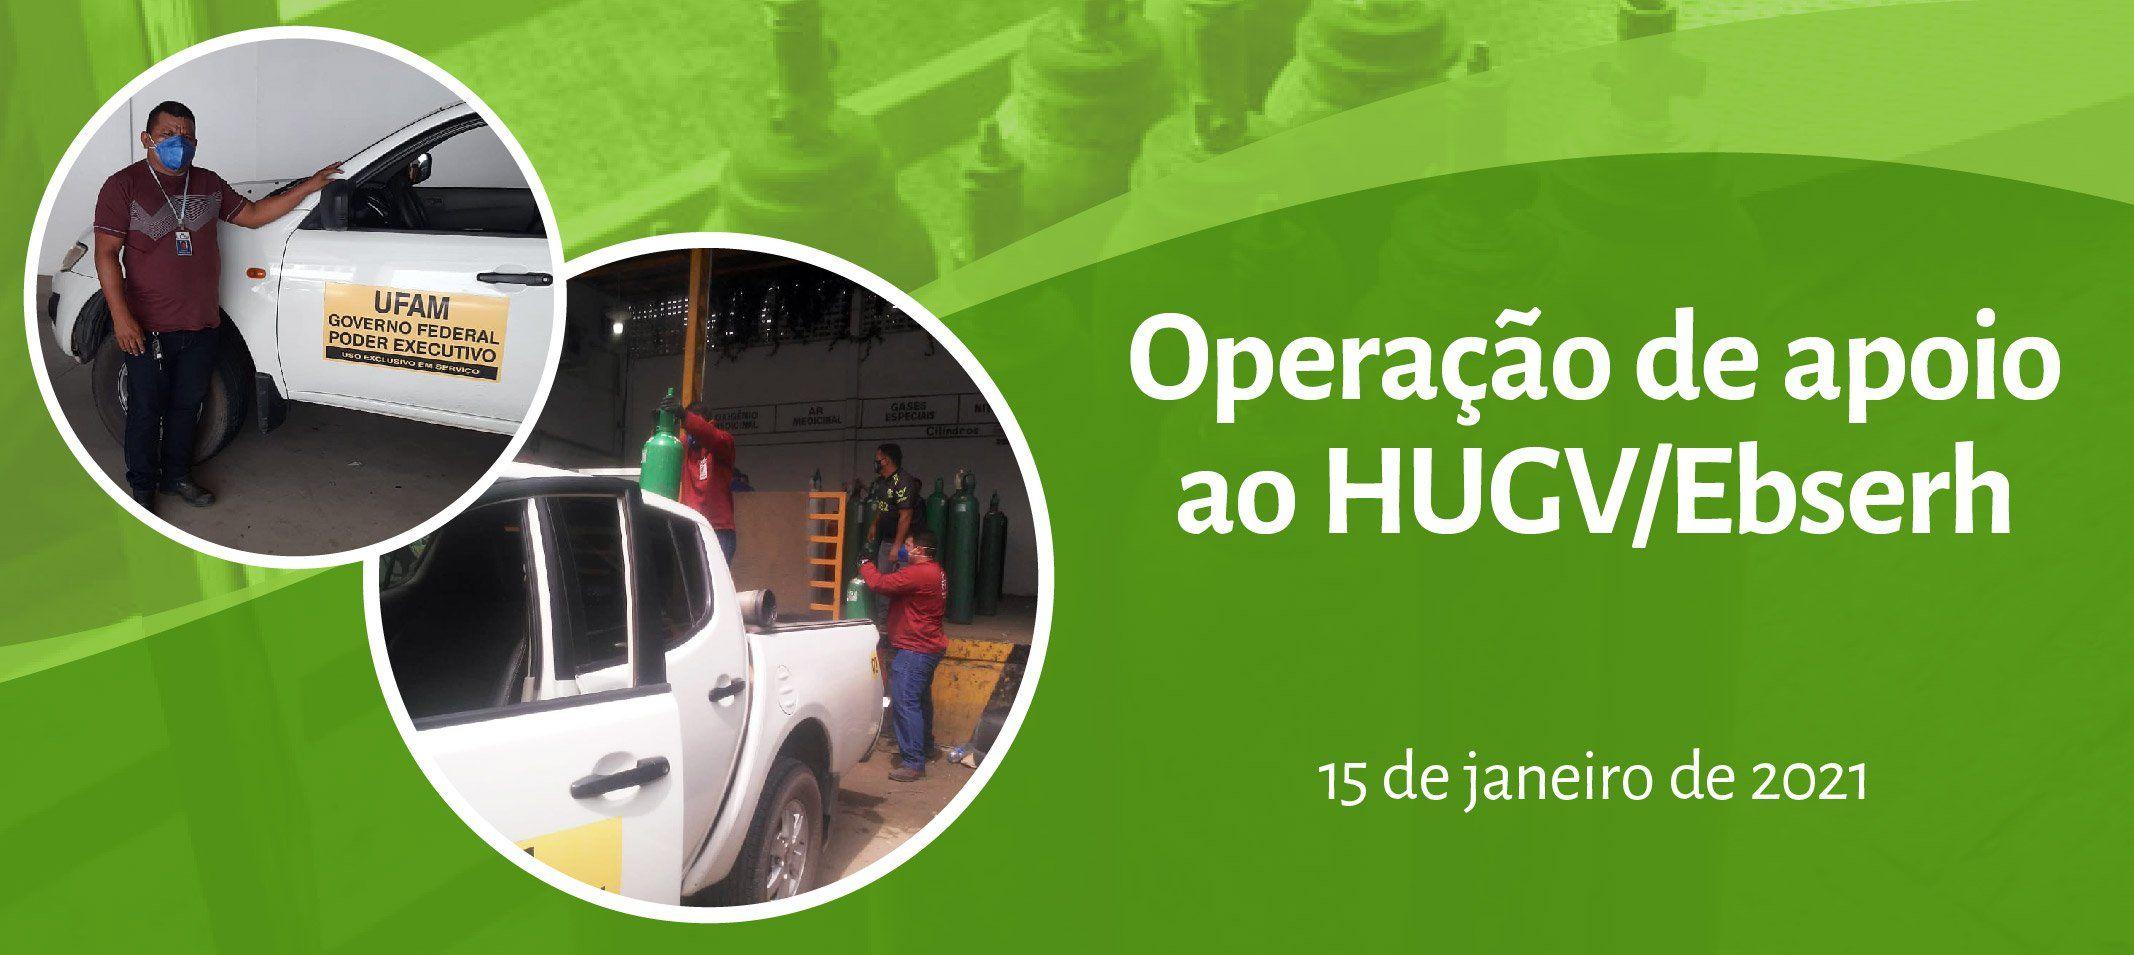 Equipe de transportes da Ufam intensifica deslocamentos de cilindros de oxigênio para o HUGV